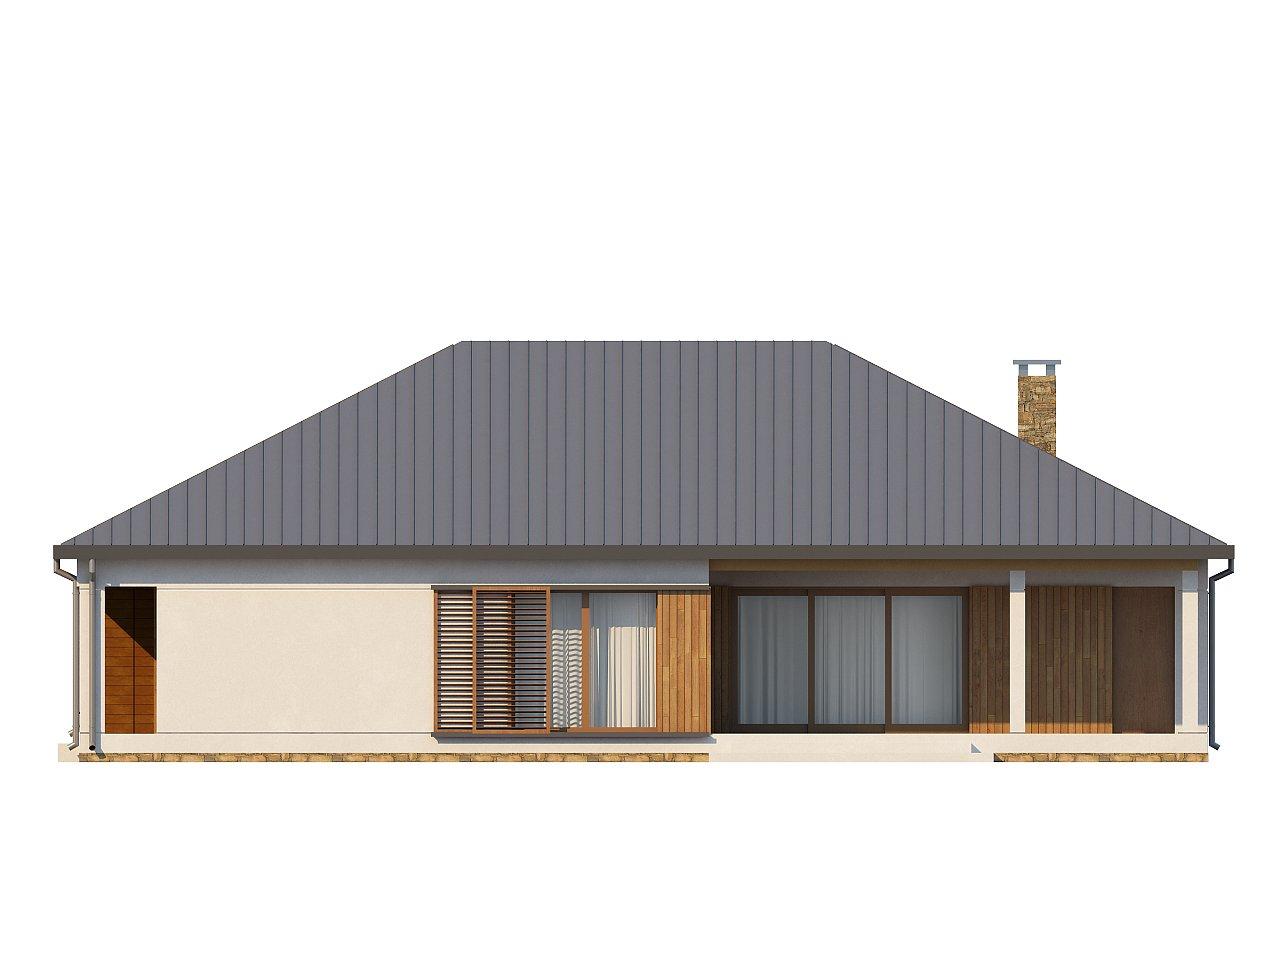 Проект практичного одноэтажного дома с фронтальным выступающим гаражом и крытой террасой. 4